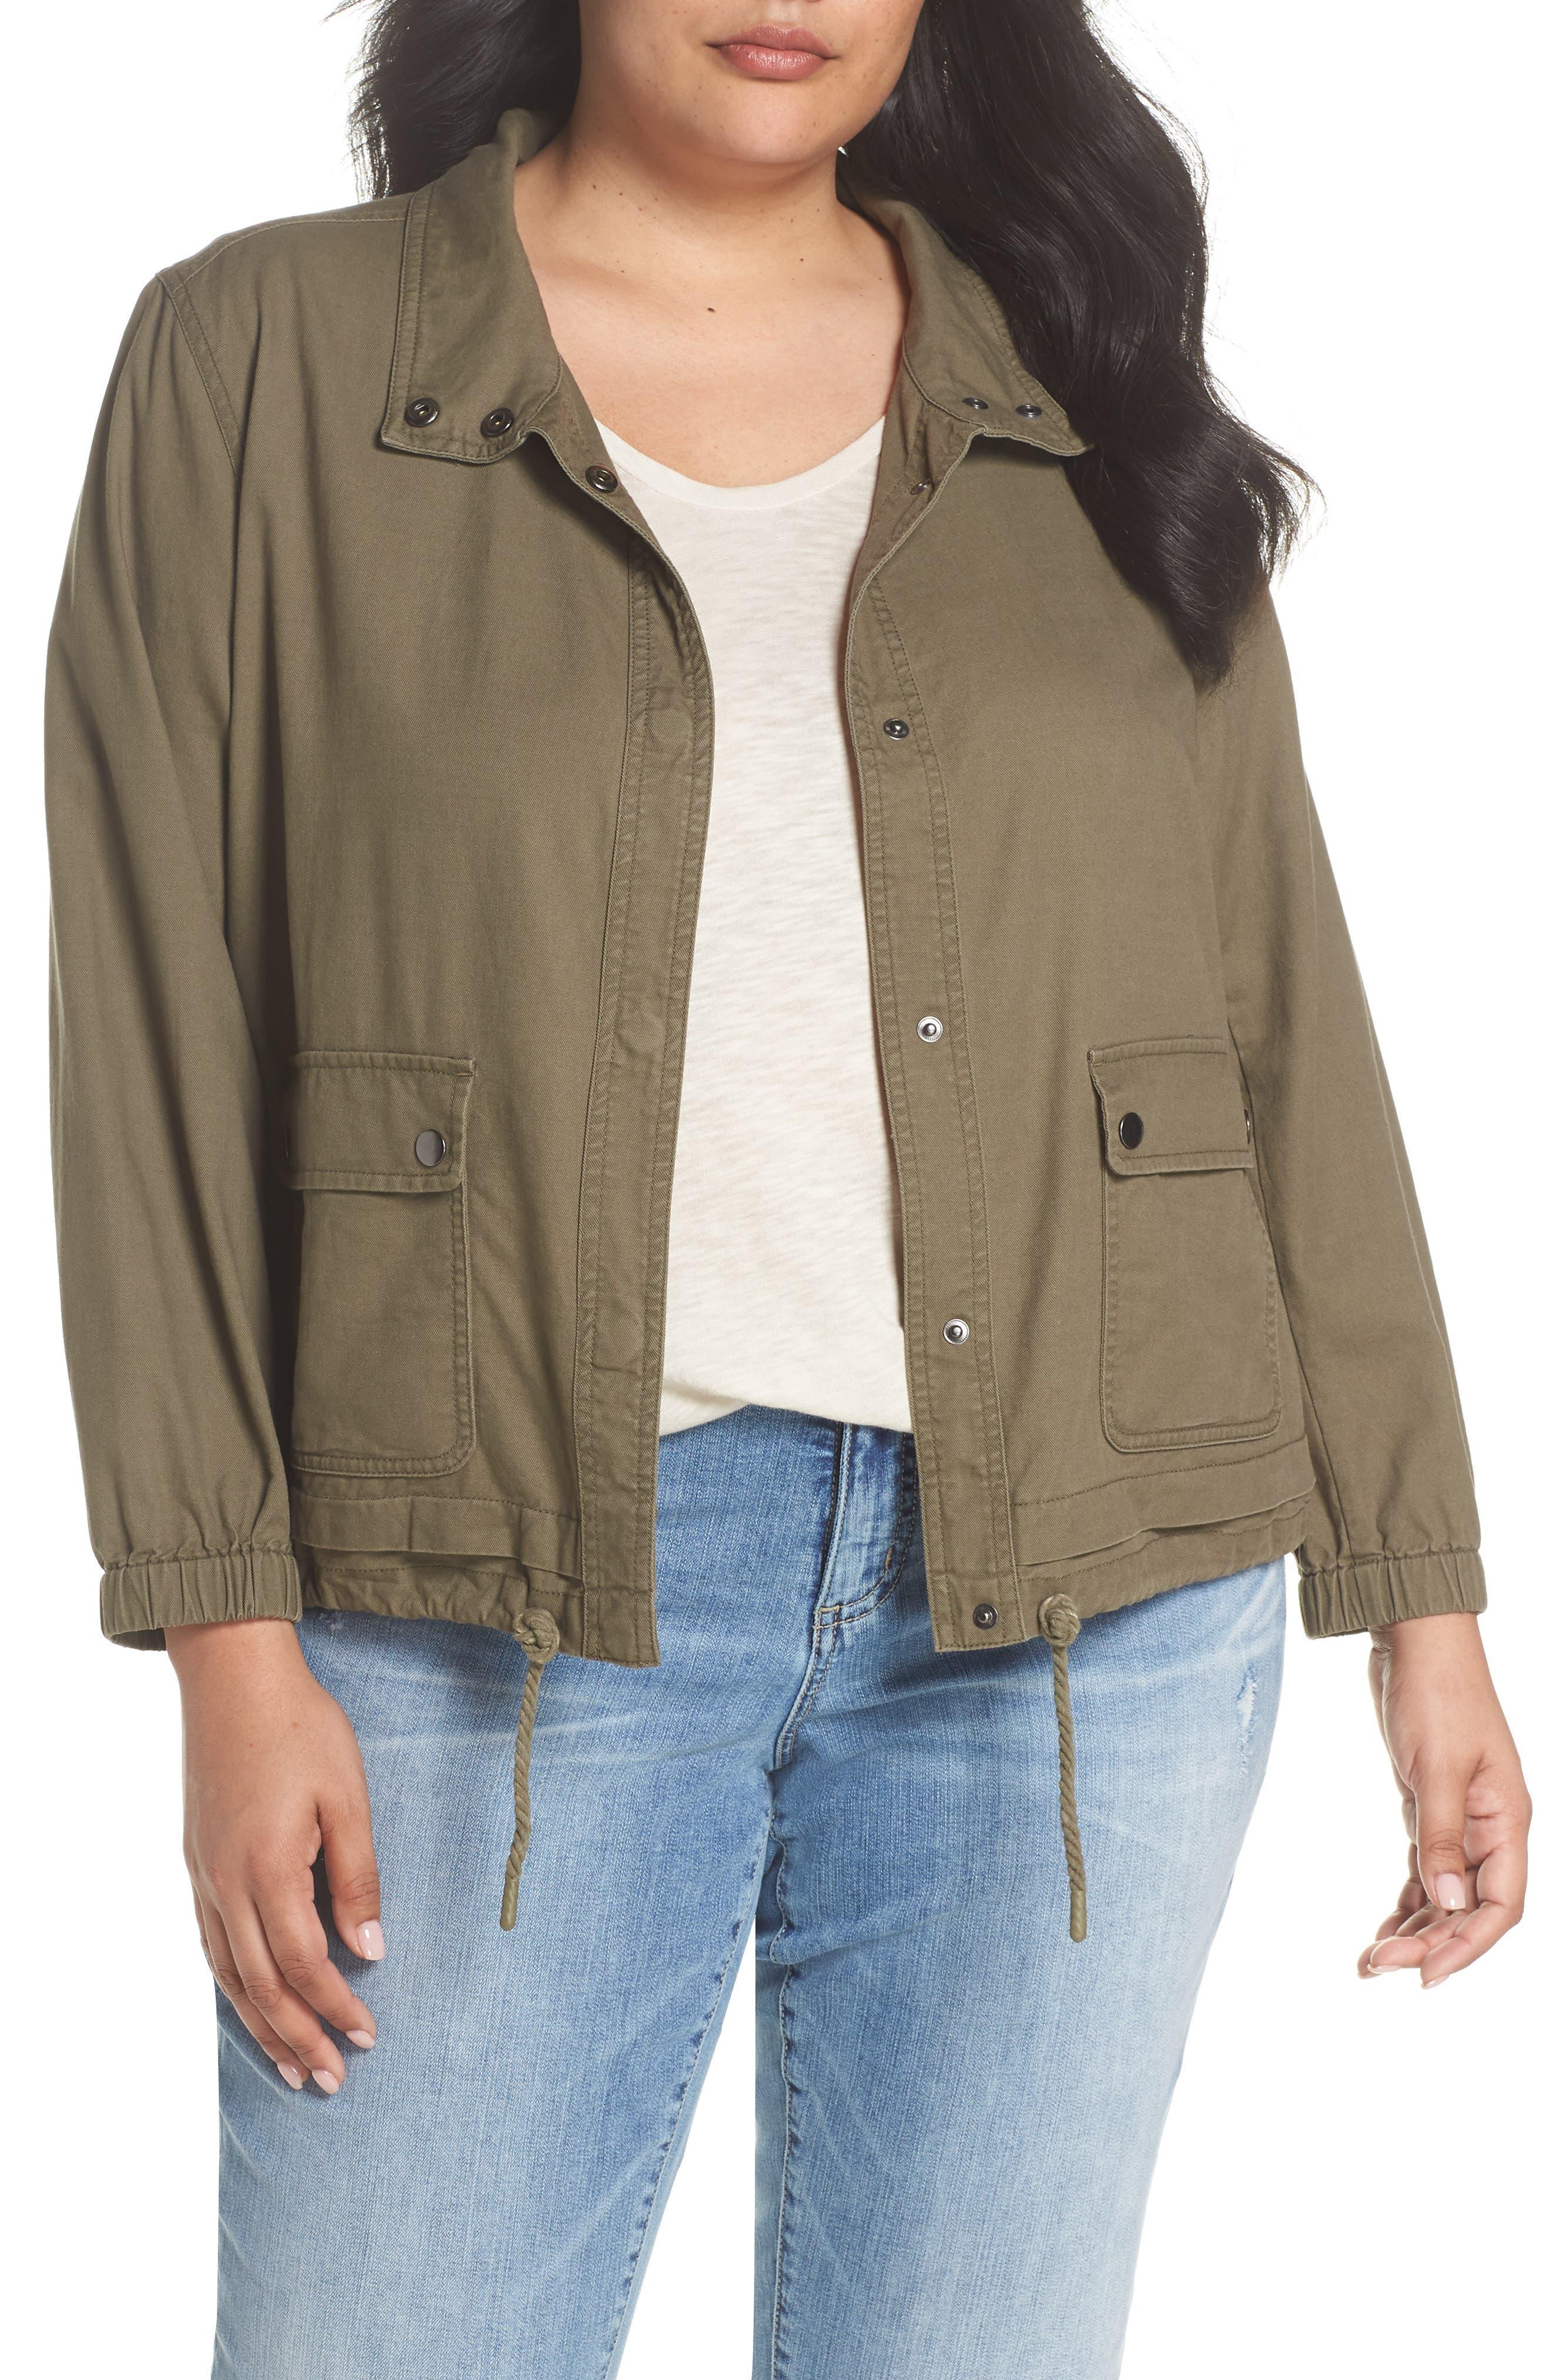 Snap Pocket Utility Jacket,                             Main thumbnail 1, color,                             Olive Kalamata